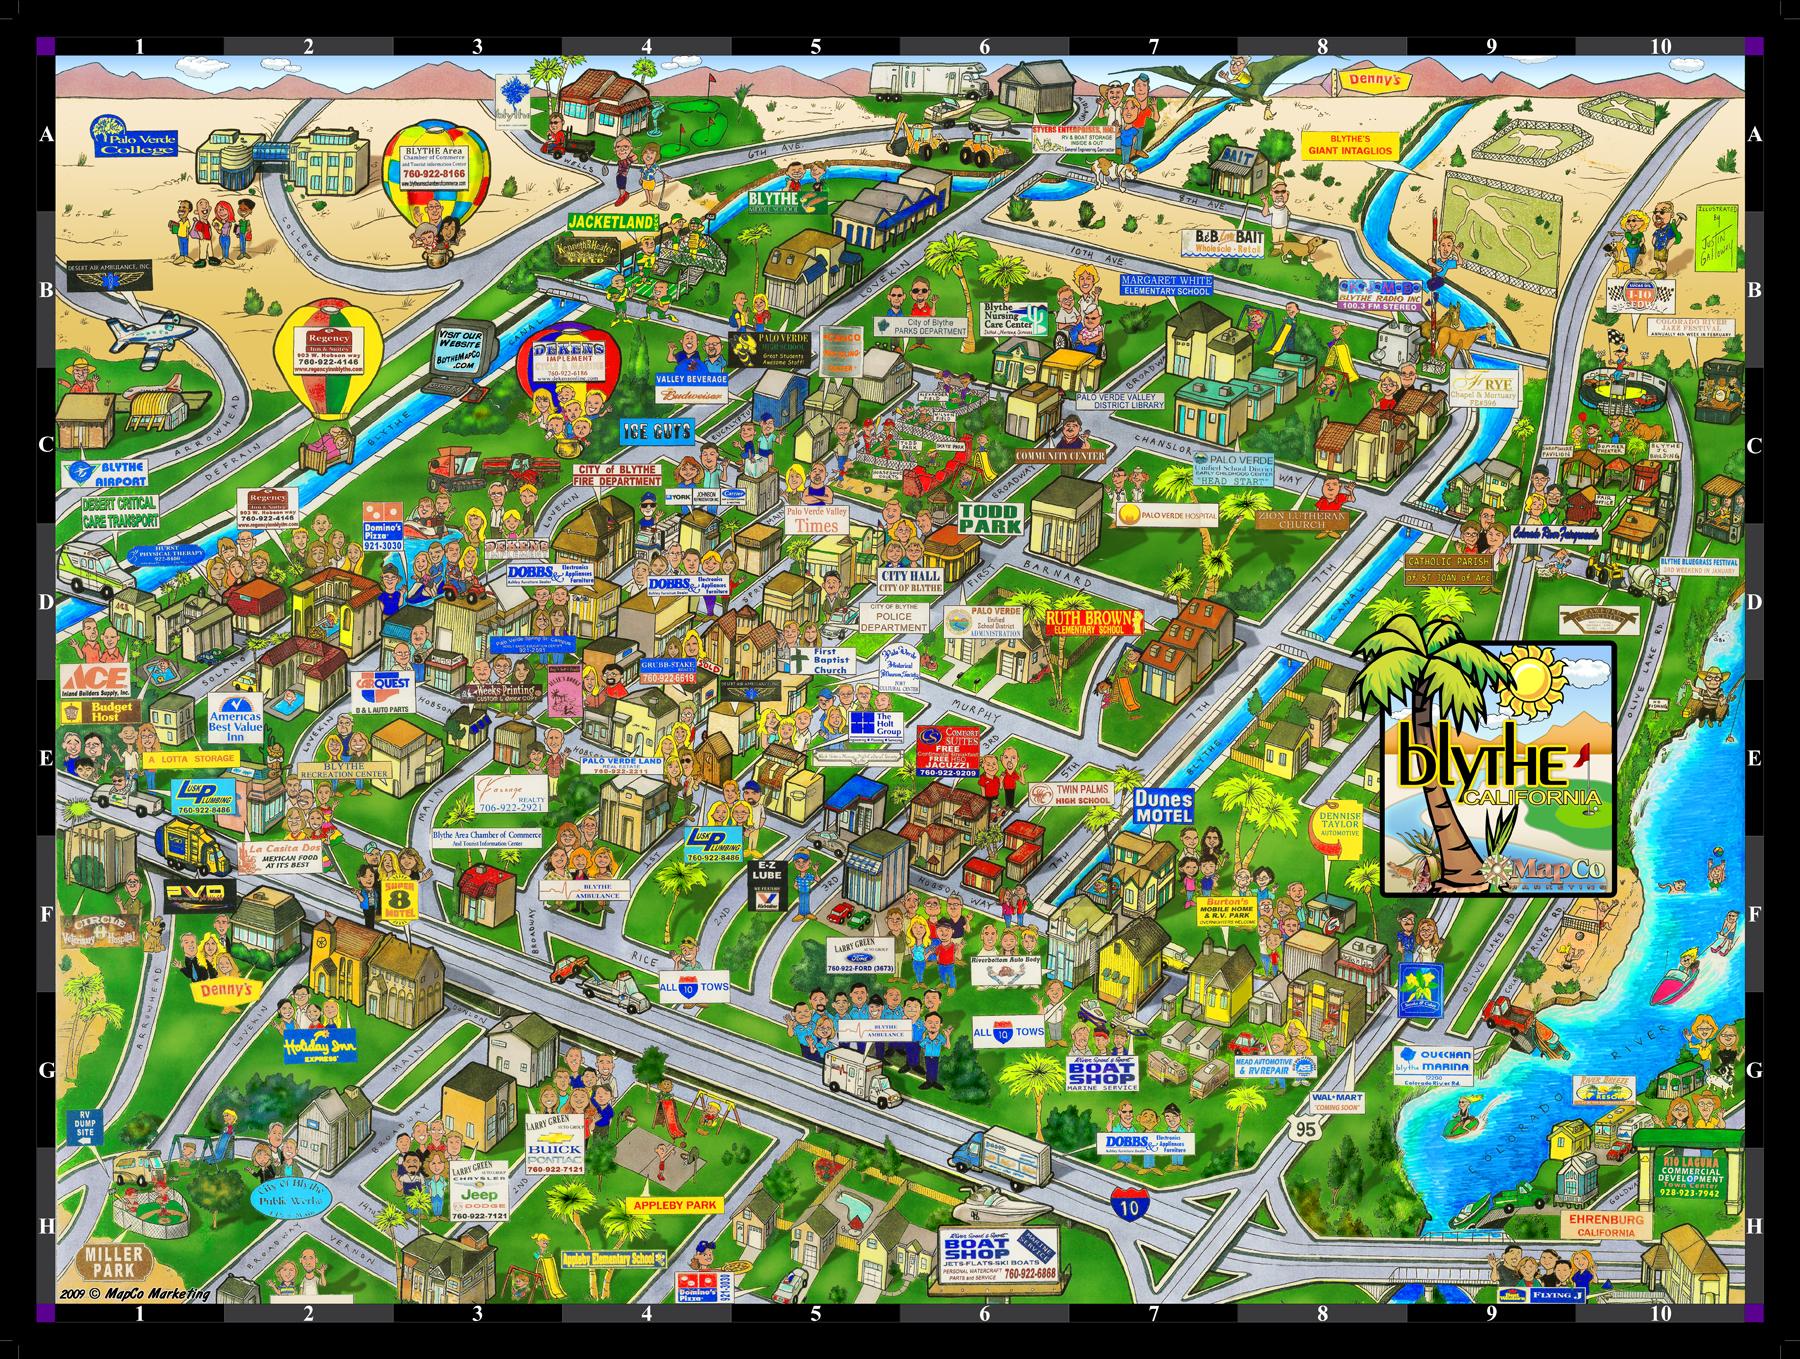 Blythe-Map-illustration-reduced.jpg